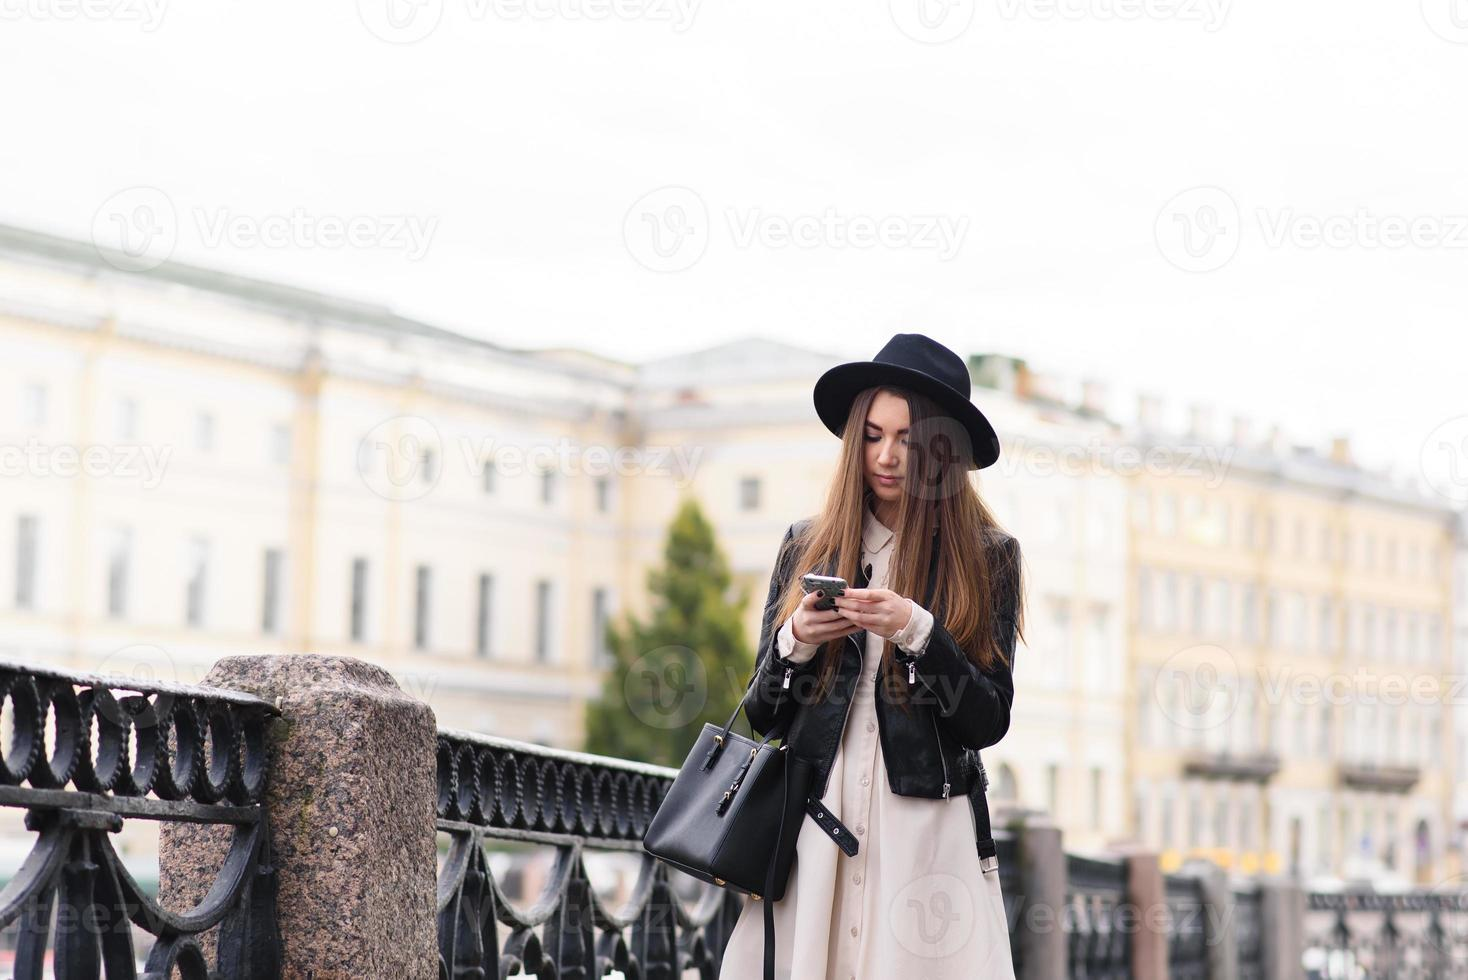 modische weibliche Lesemeldung auf Handy während des Spaziergangs draußen foto